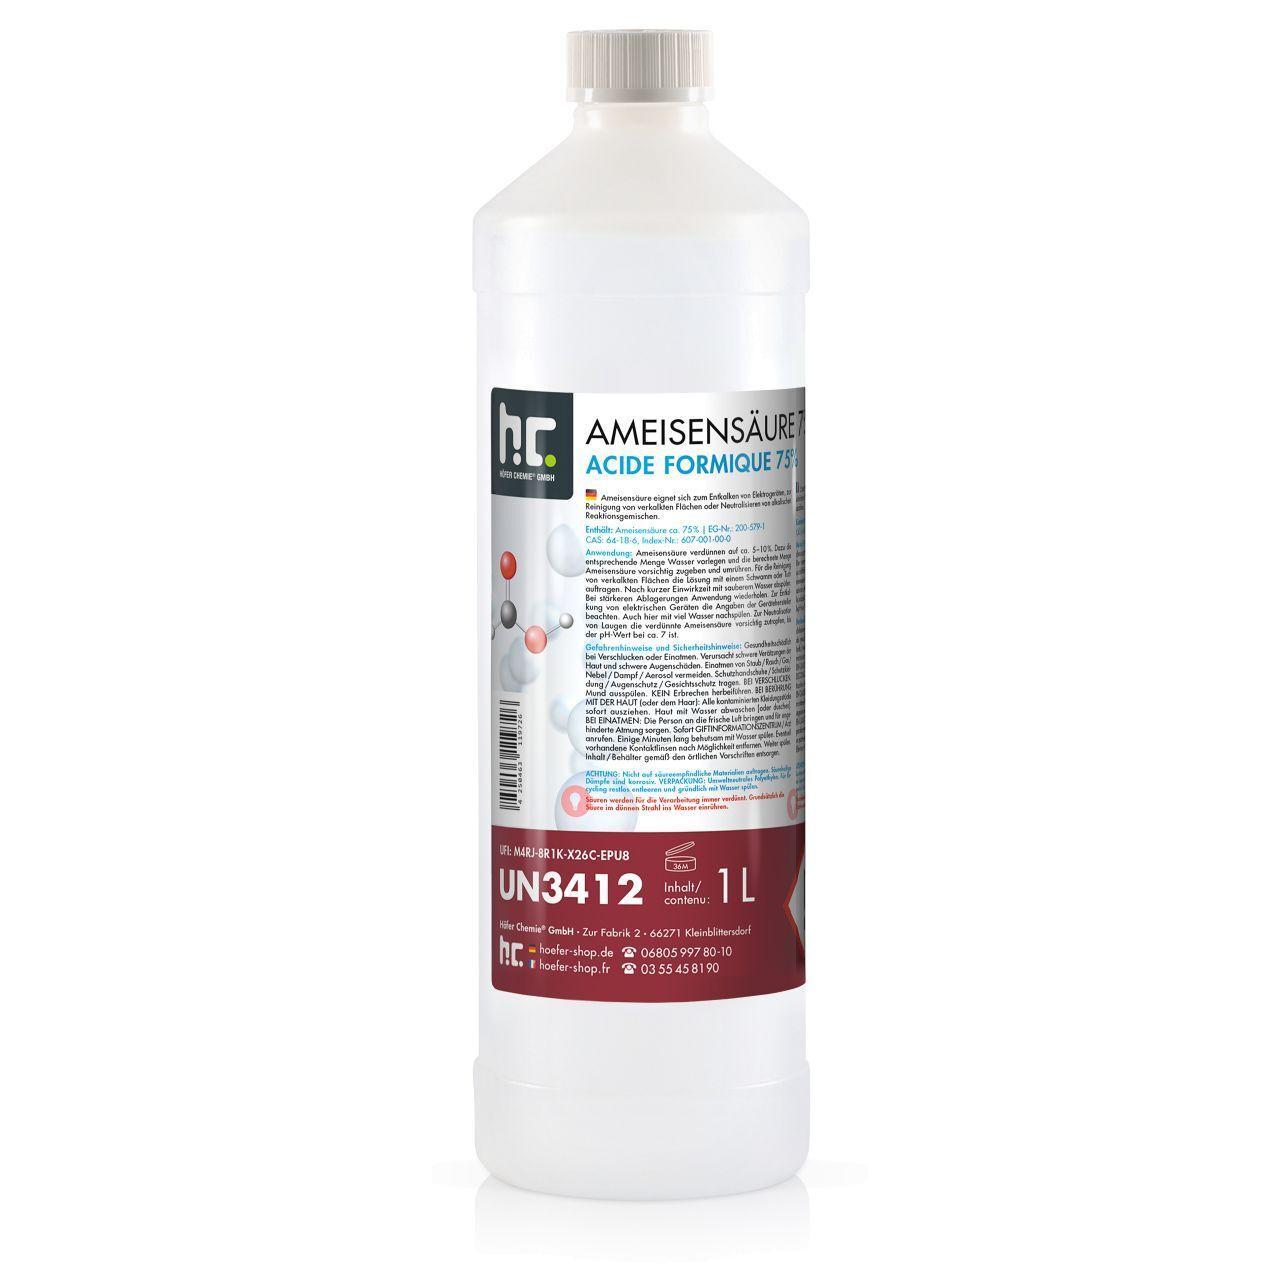 Höfer Chemie 15 l Acide formique 75% qualite technique (15 x 1 l)